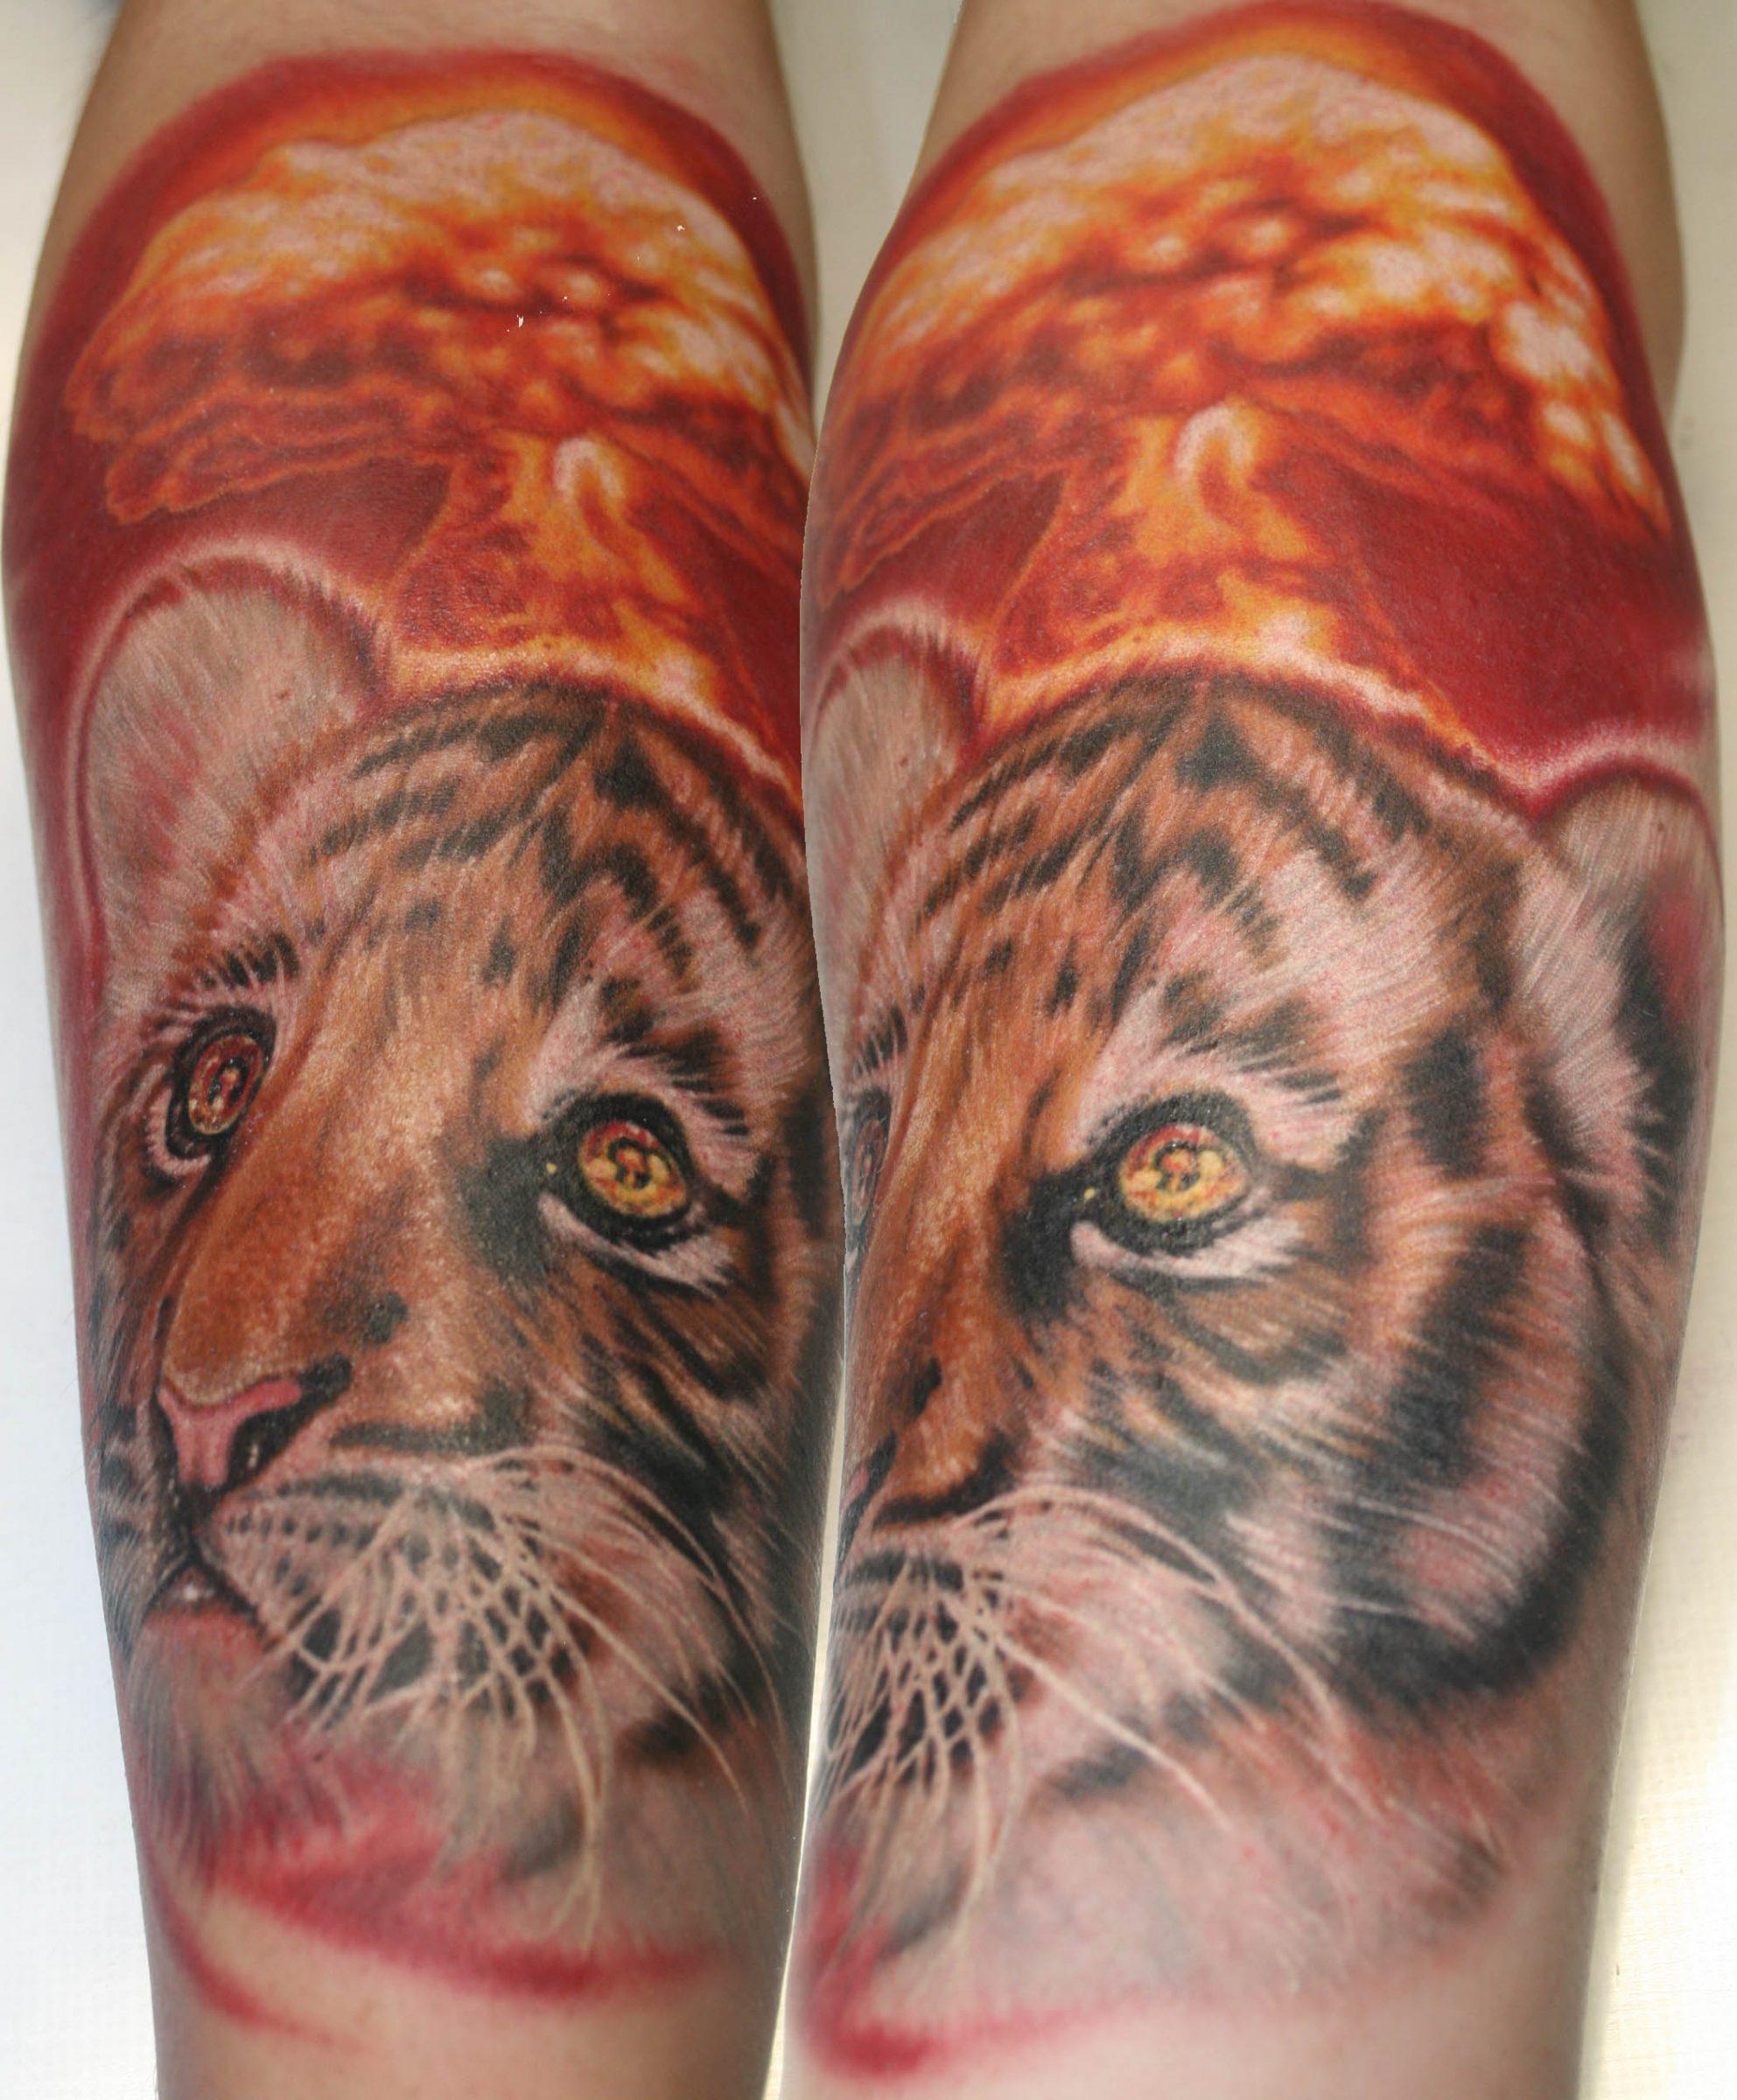 Find Tattoo Artist: Inspired Tattoo Tattoo- Find The Best Tattoo Artists